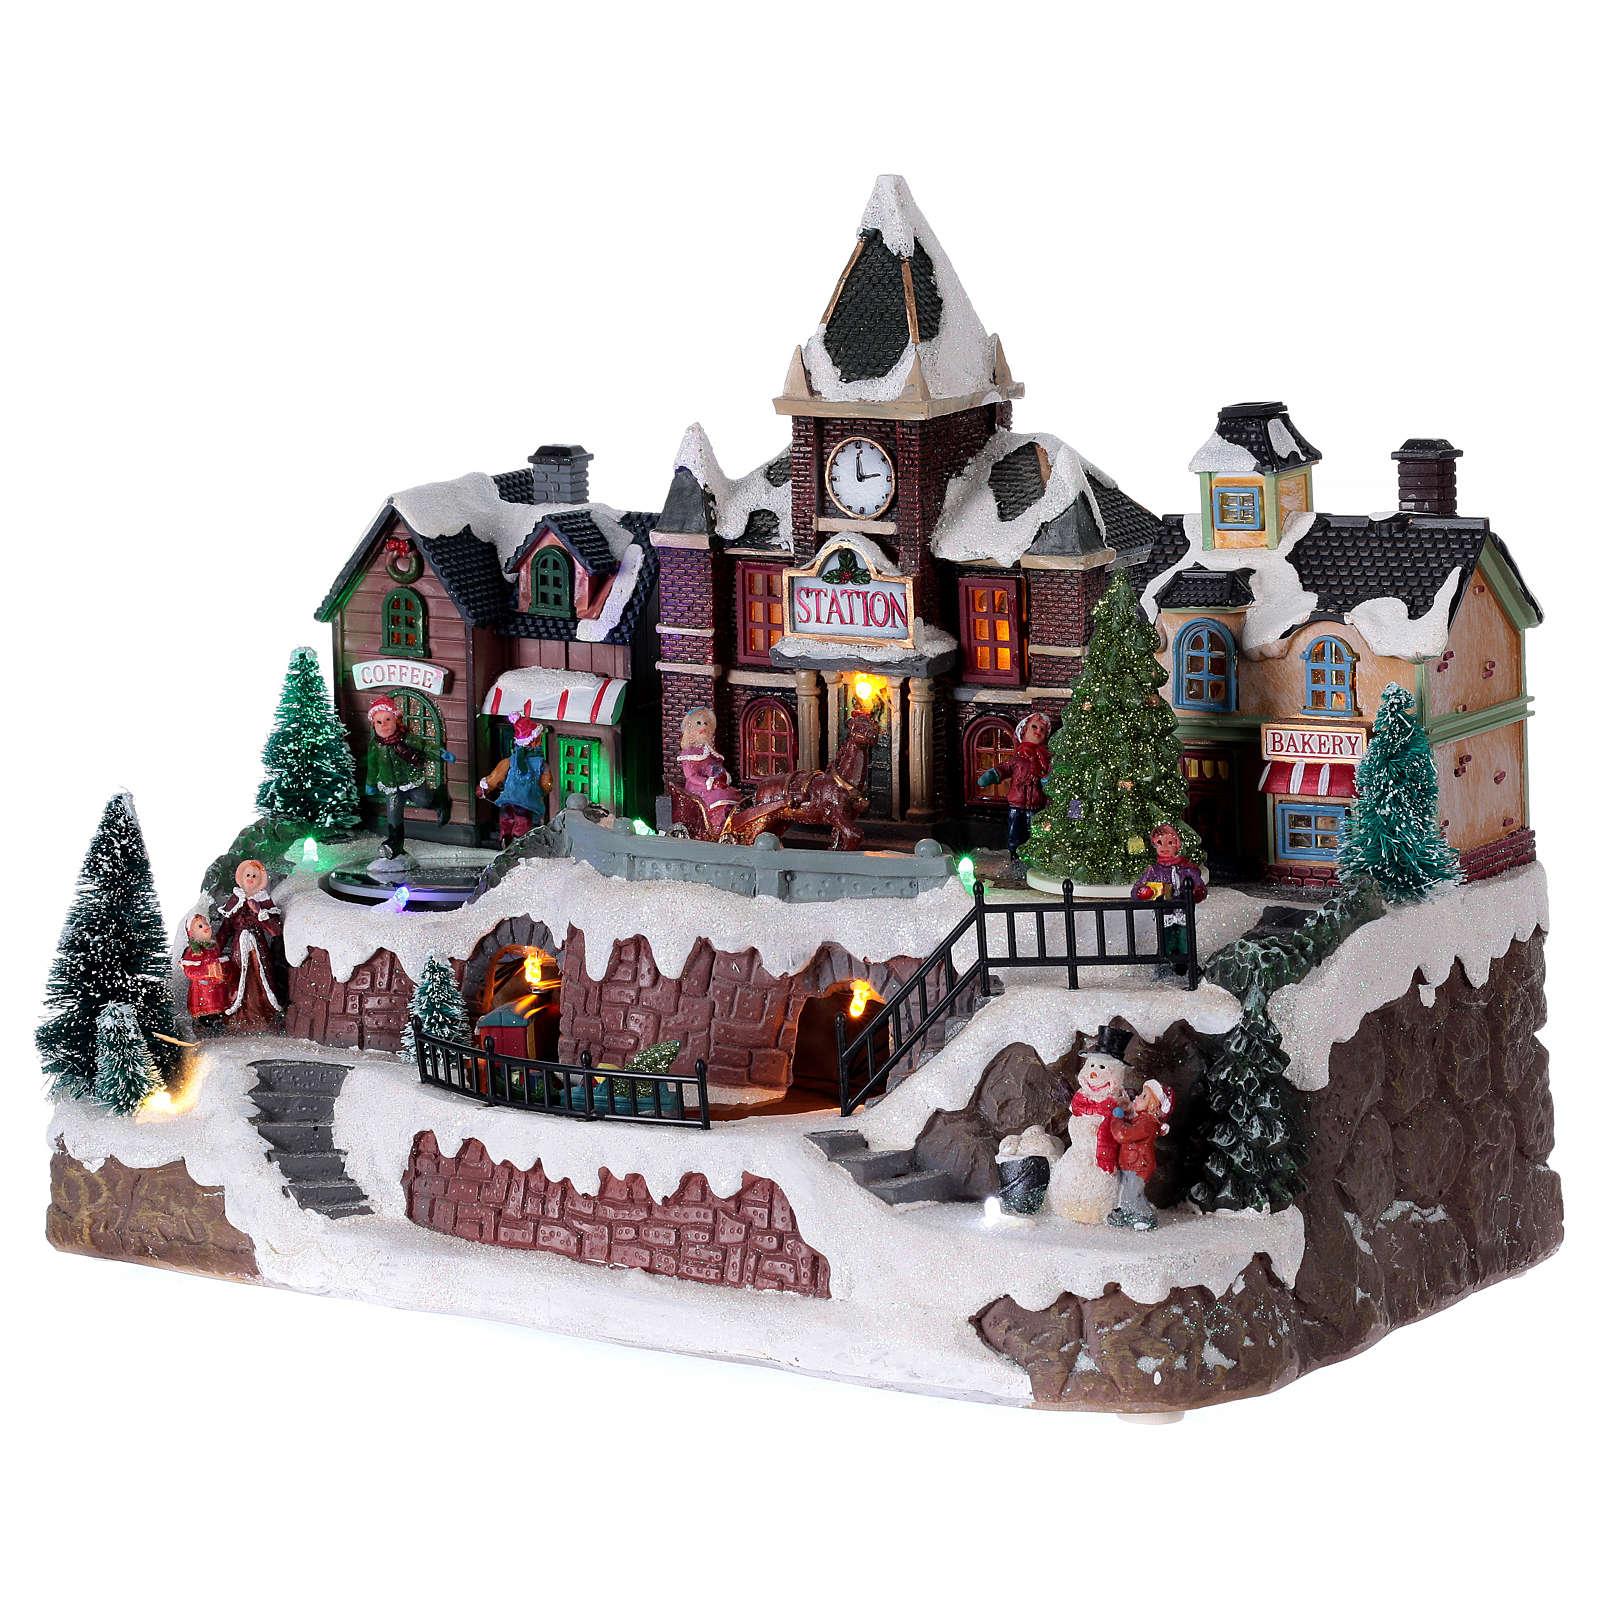 Villaggio natalizio luminoso musica movim trenino lago ghiacciato albero natale 28X34X19 cm 3